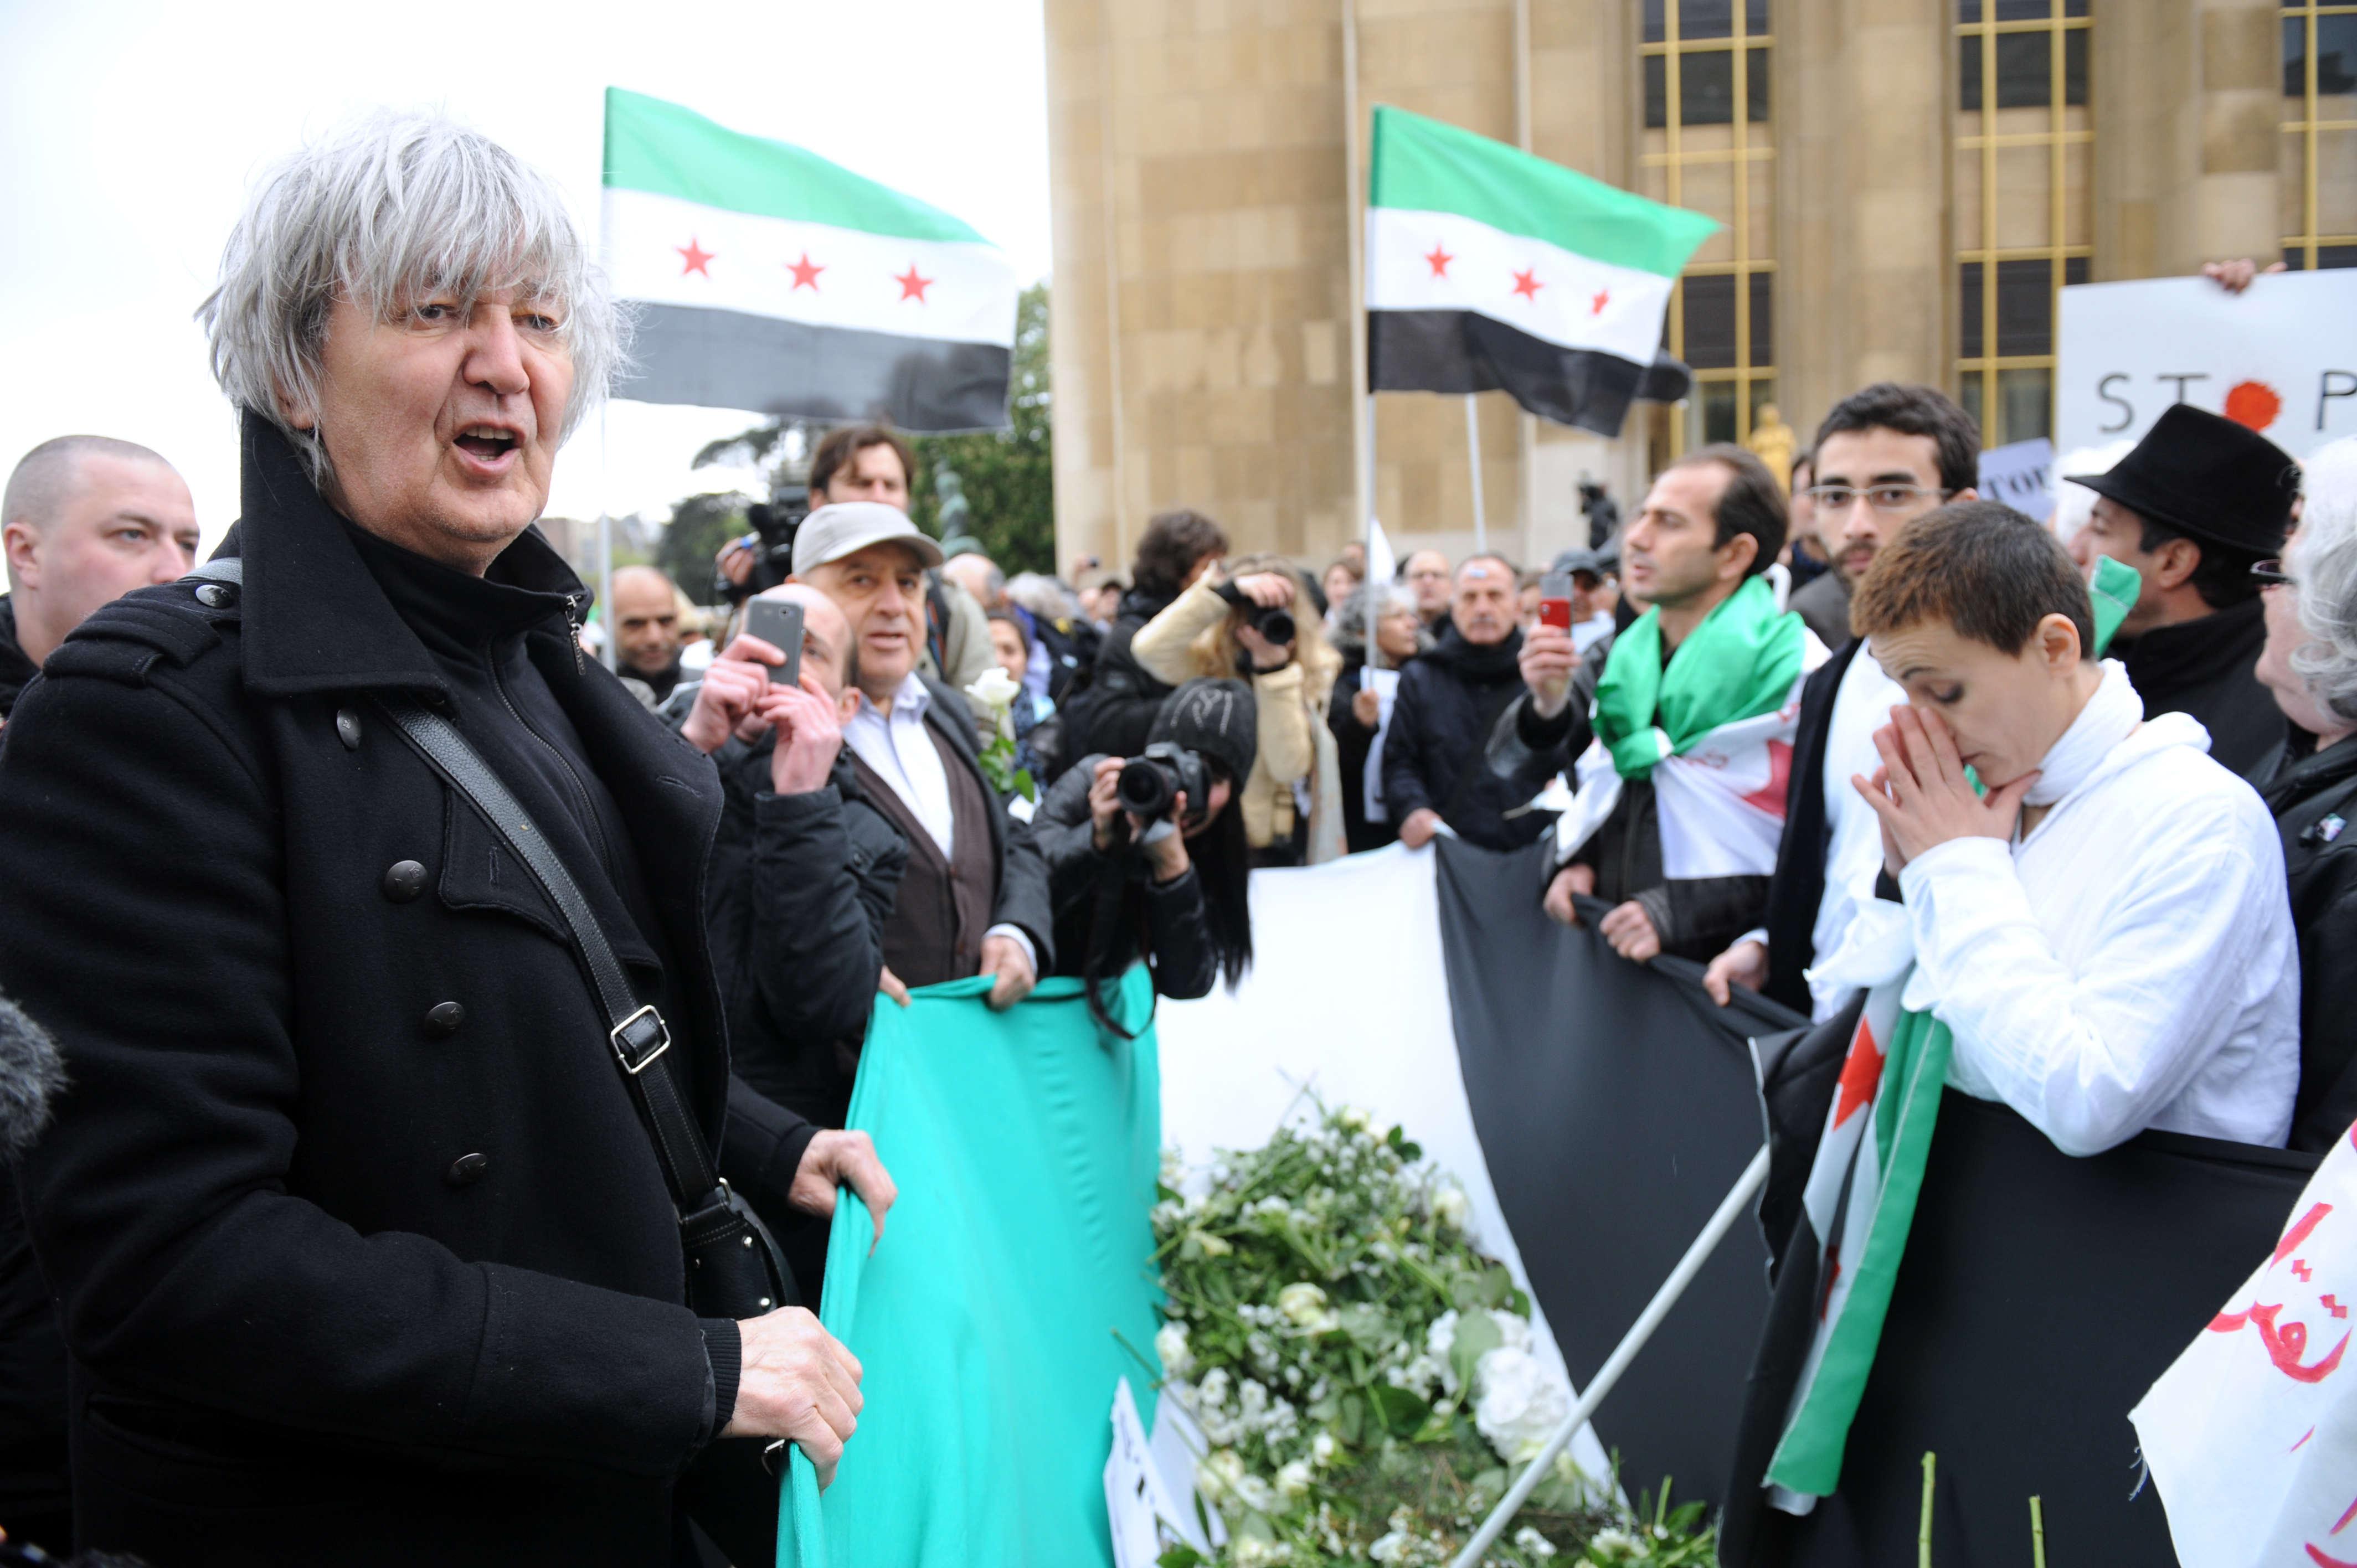 Jacques Higelin participe à la campagne White Wave pour protester contre la violence en Syrie, le 17 avril 2012 sur la place du Trocadéro à Paris.